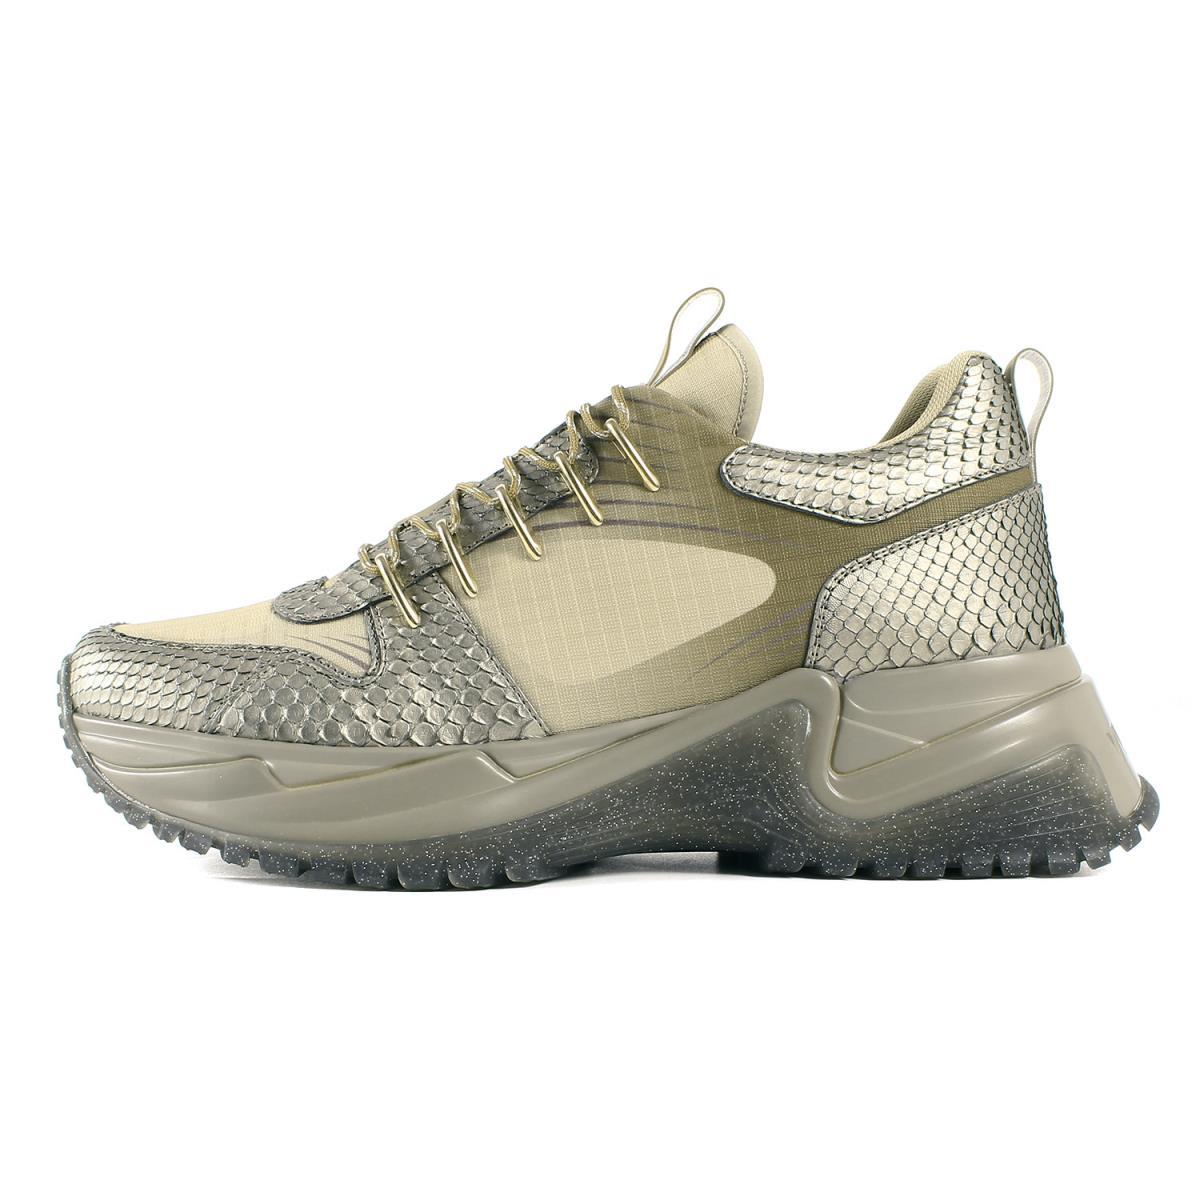 メンズ靴, スニーカー LOUIS VUITTON 18AW 9 K3140